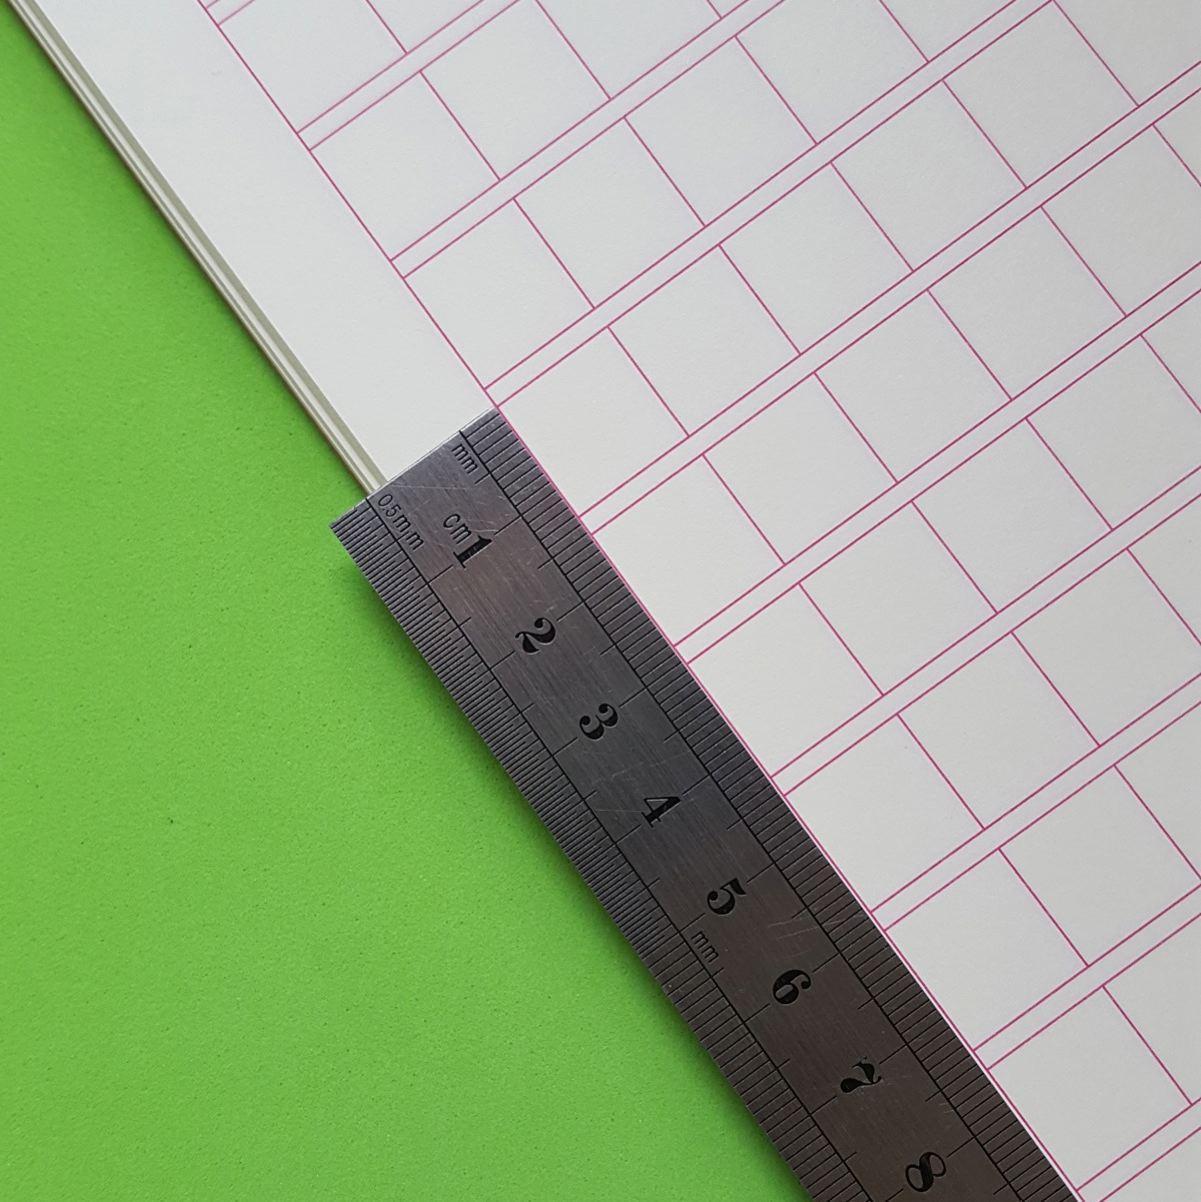 Тетрадь для написания иероглифов. Клетка 13 мм с полем для пиньинь. 15680 клеток